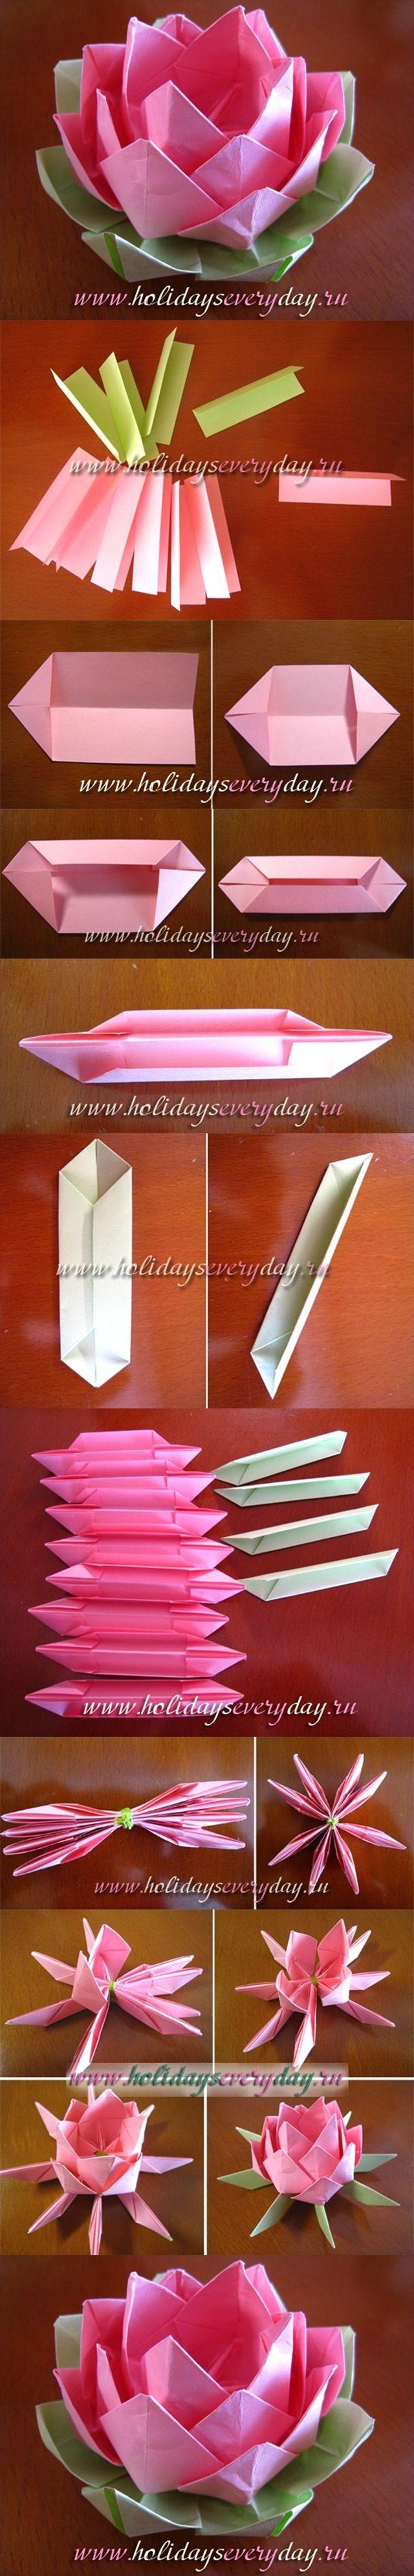 Flores de papel - Blog Pitacos e Achados - Acesse: https://pitacoseachados.wordpress.com - https://www.facebook.com/pitacoseachados - #pitacoseachados More